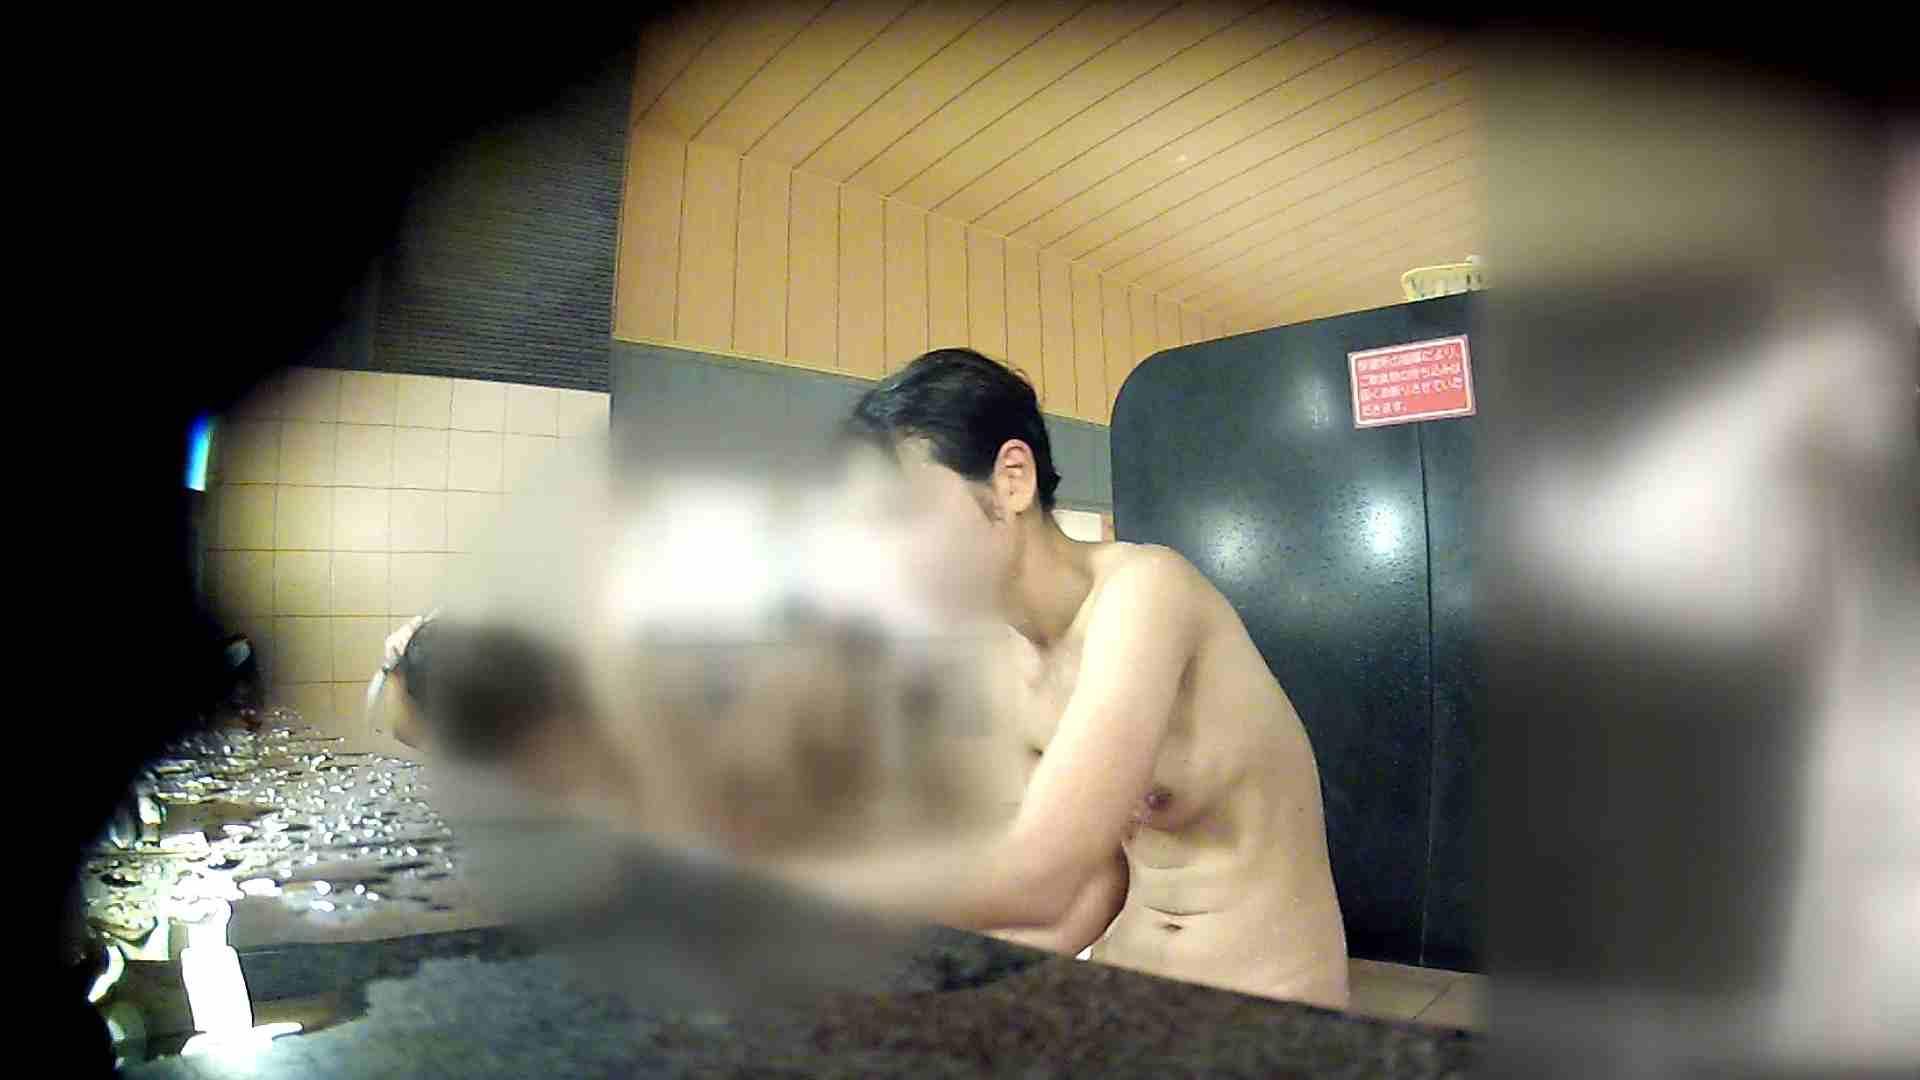 潜入女盗撮師のスーパー銭湯 Vol.01 盗撮・必見   銭湯のぞき  44画像 34